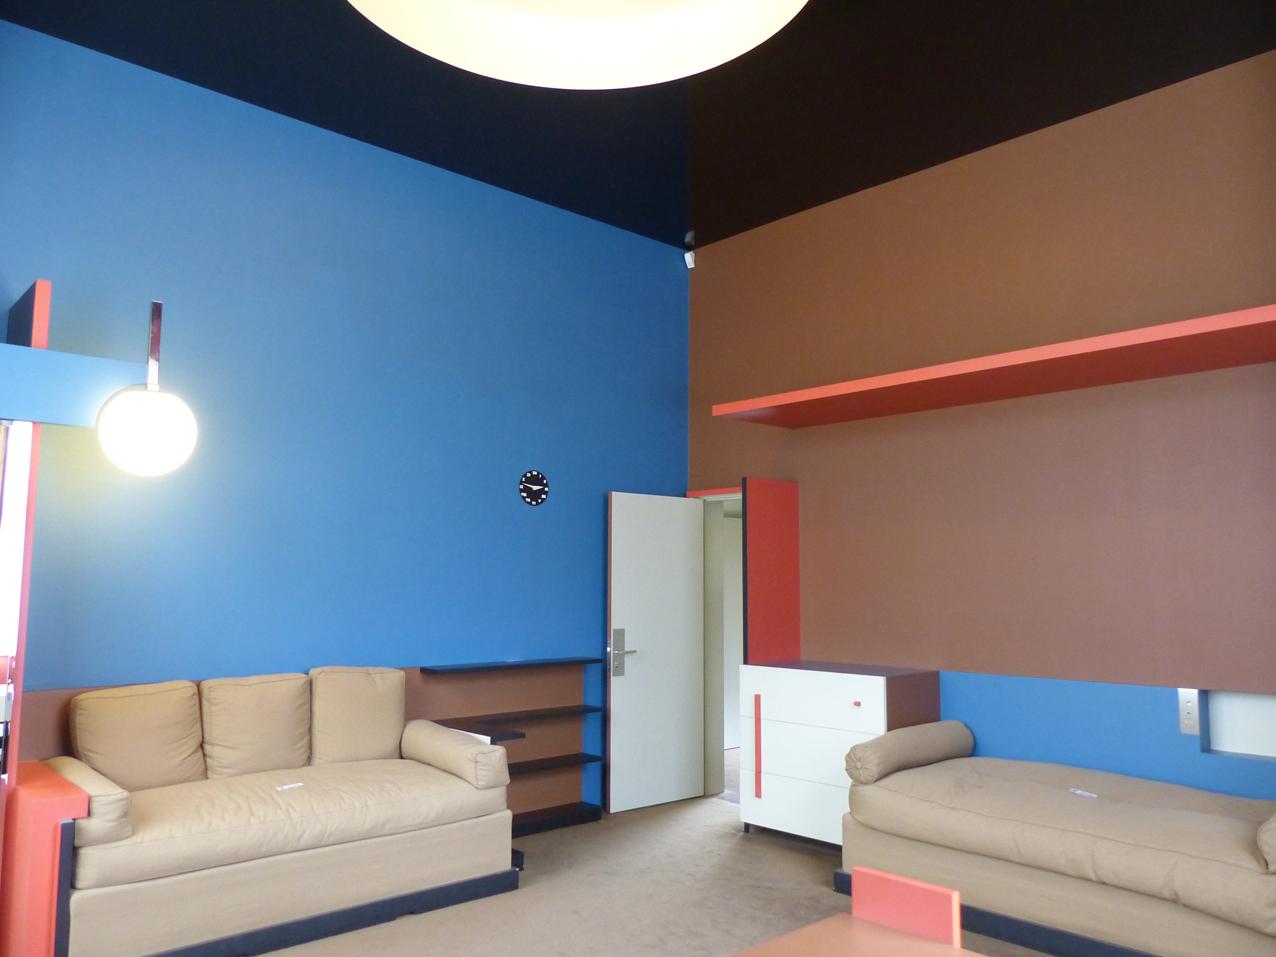 villa-cCavrois-salon-Mondrian2